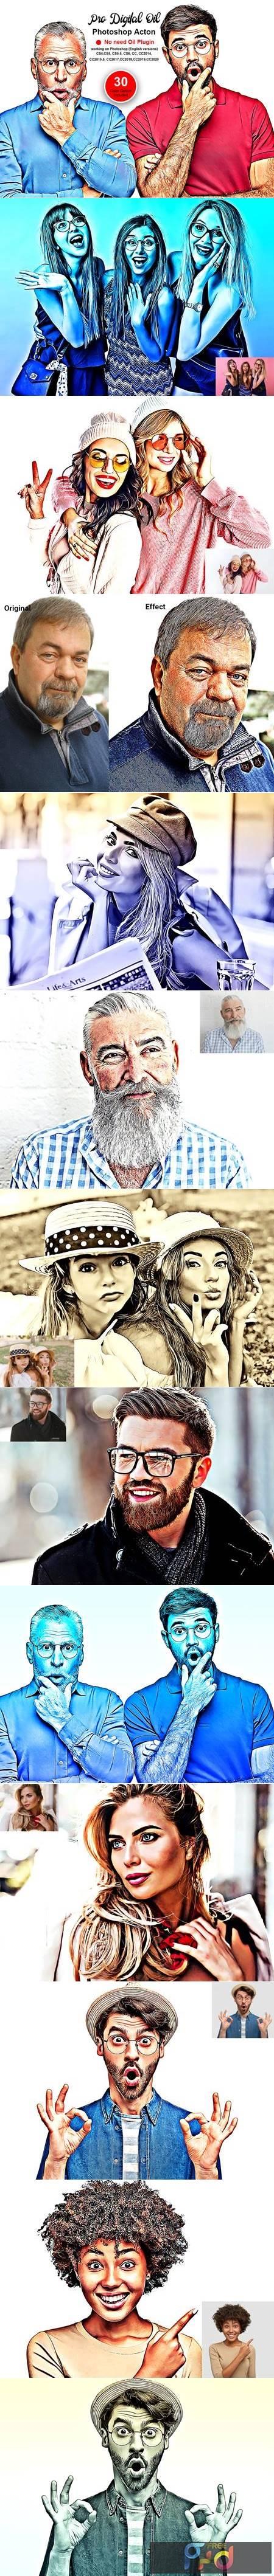 Pro Digital Oil Photoshop Action 5493798 1